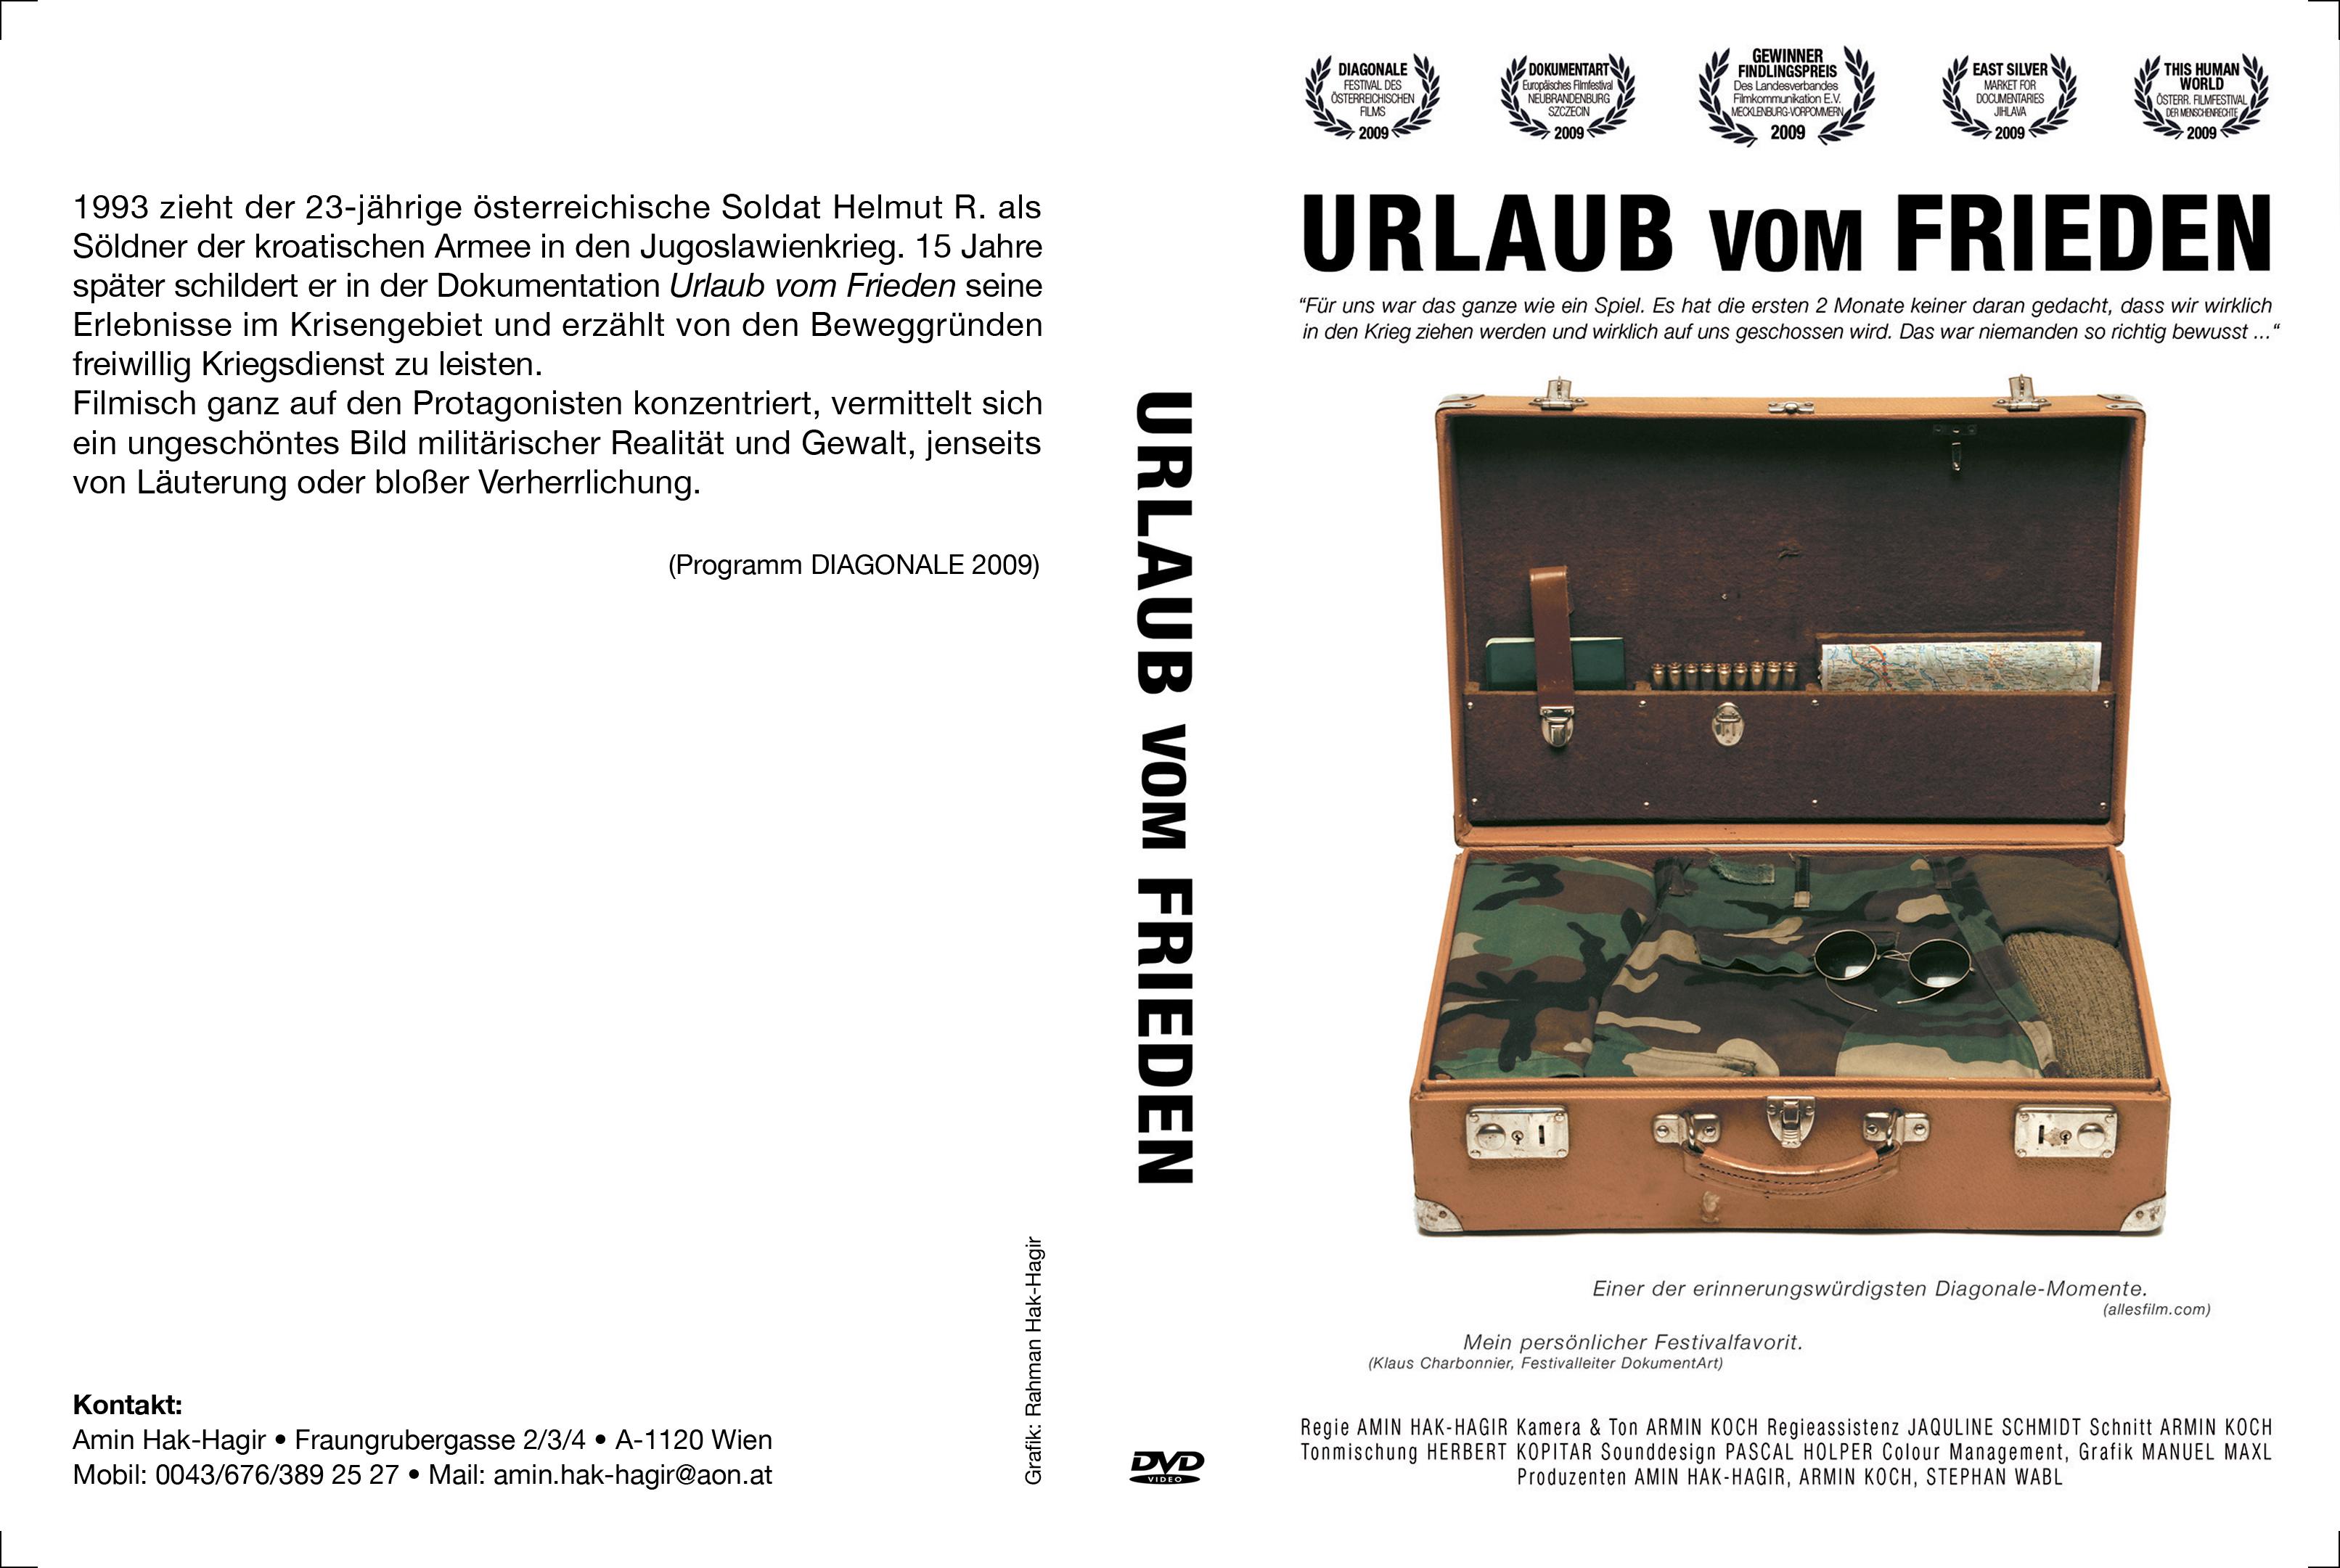 Urlaub vom Frieden DVD Cover BLOCK